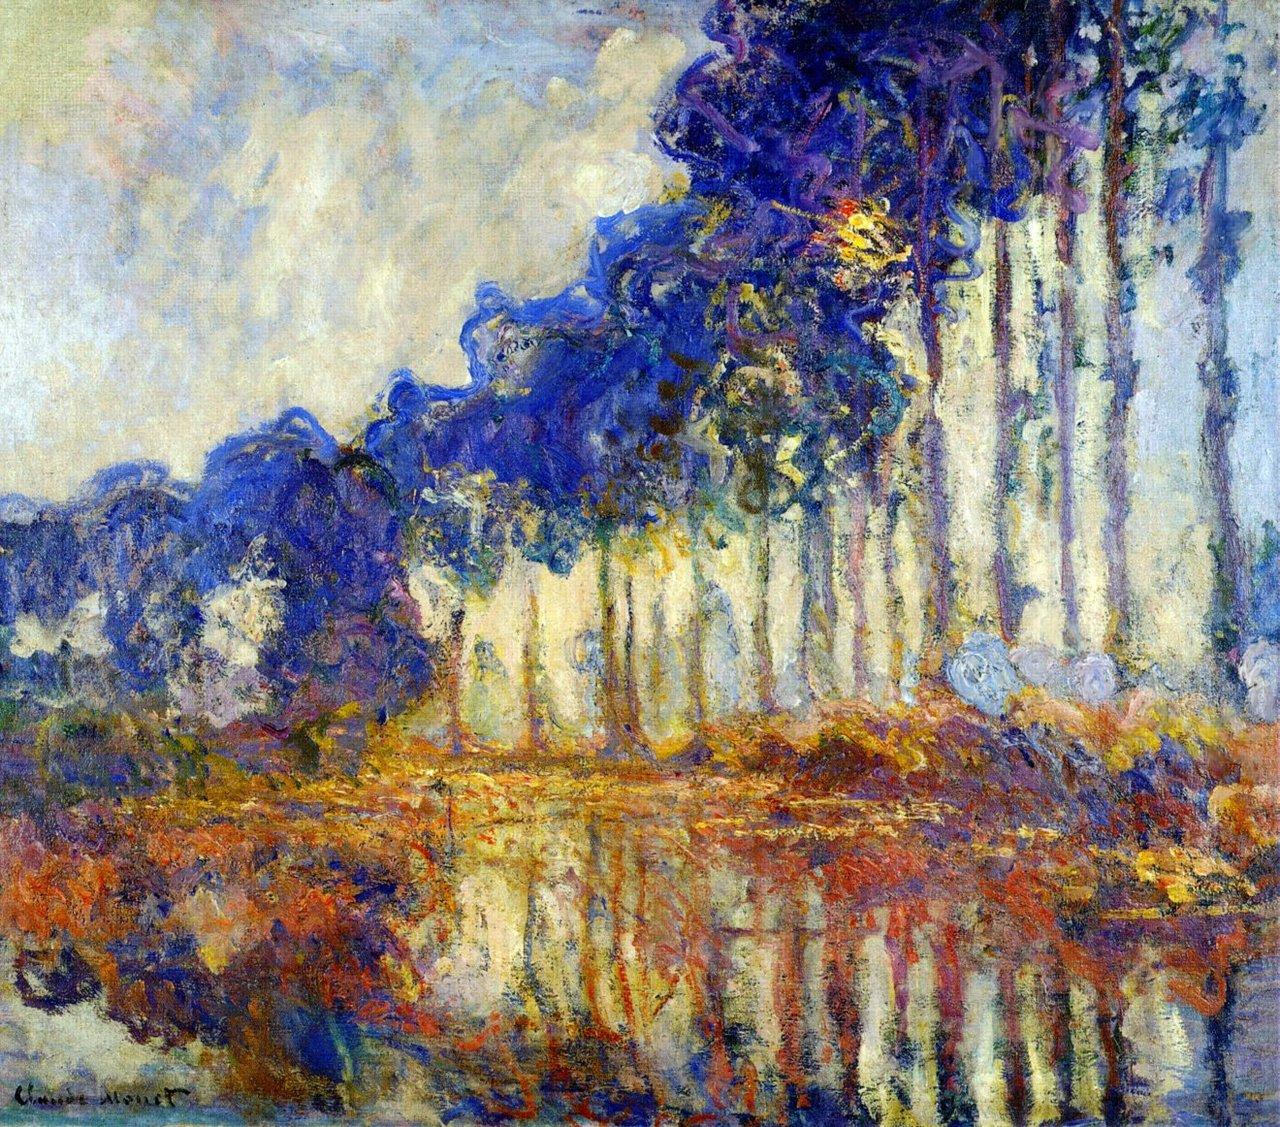 Monet: Arte!: Monet, Poplars And Water Lilies